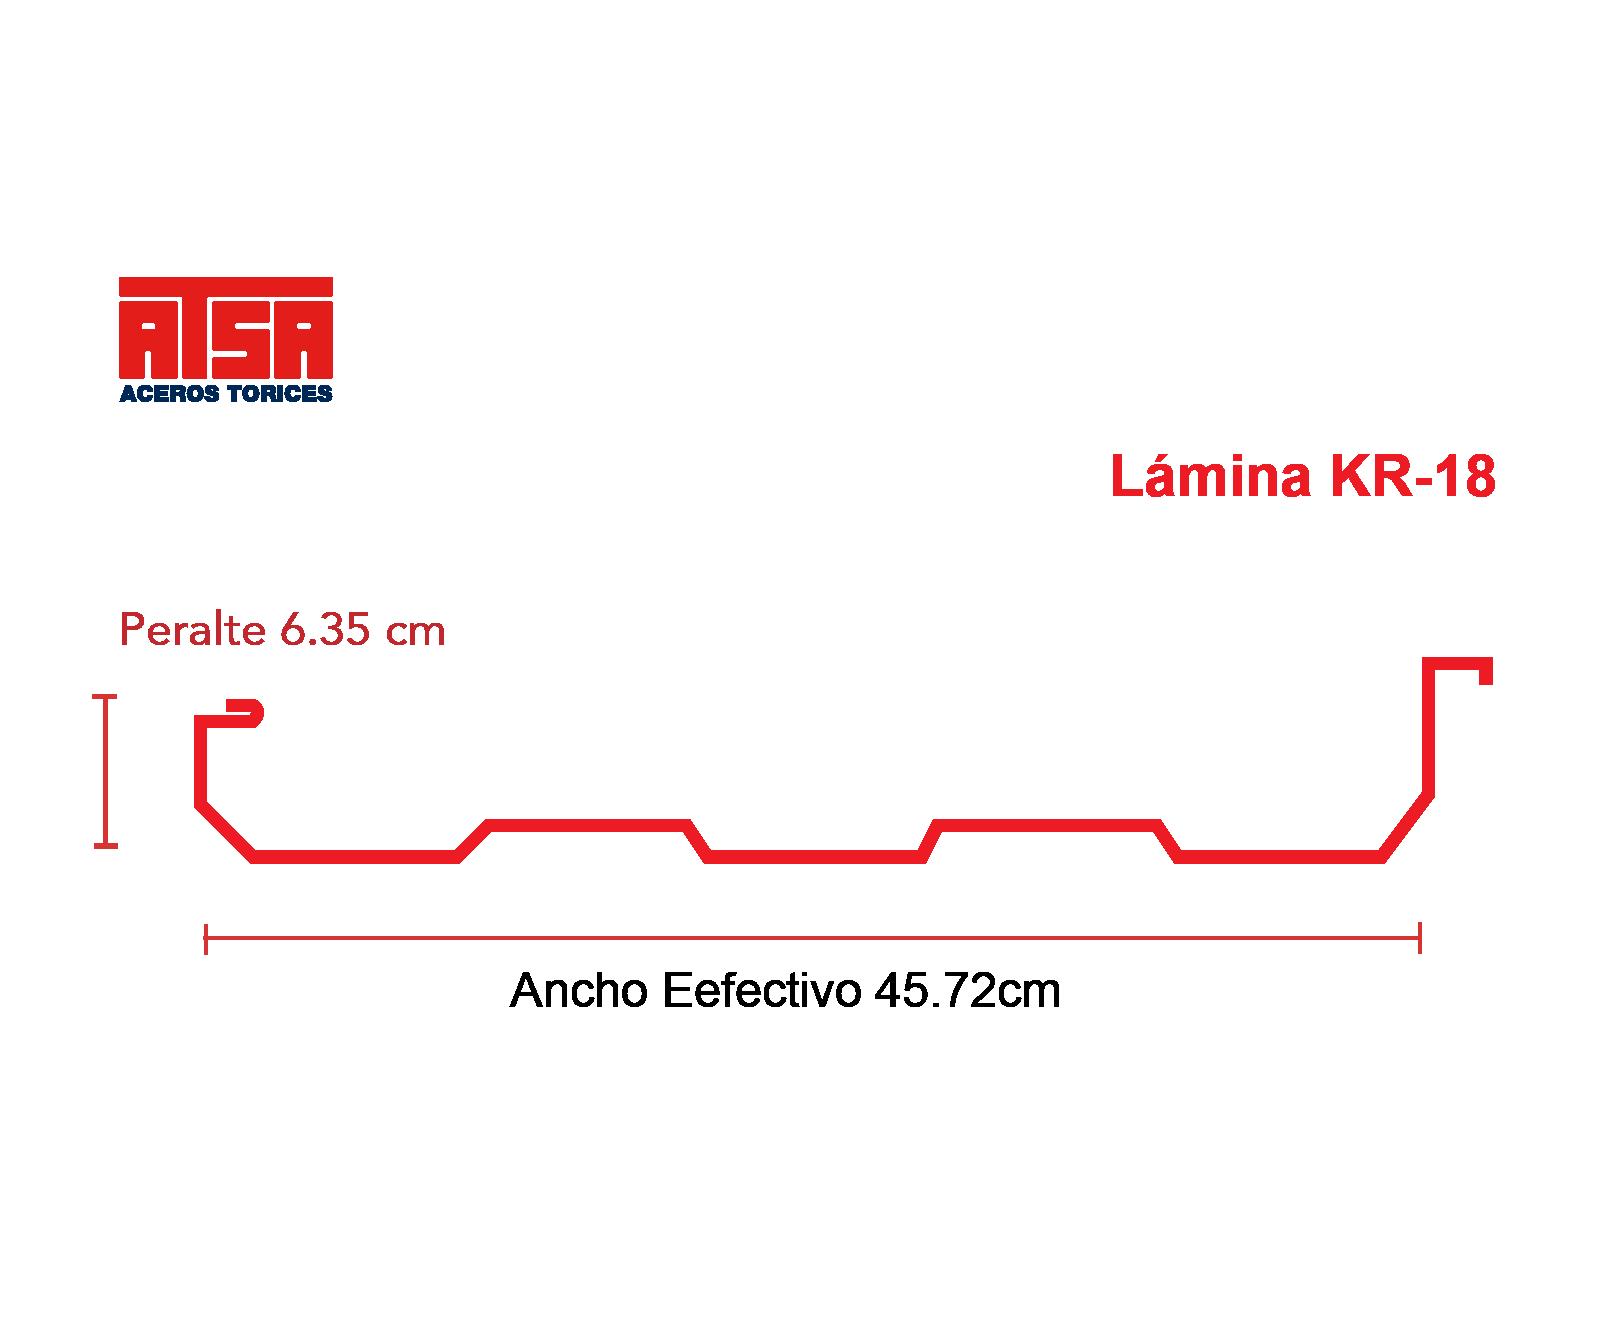 medidas-perfil-kr18-lamina-de-aceros-atsa-01